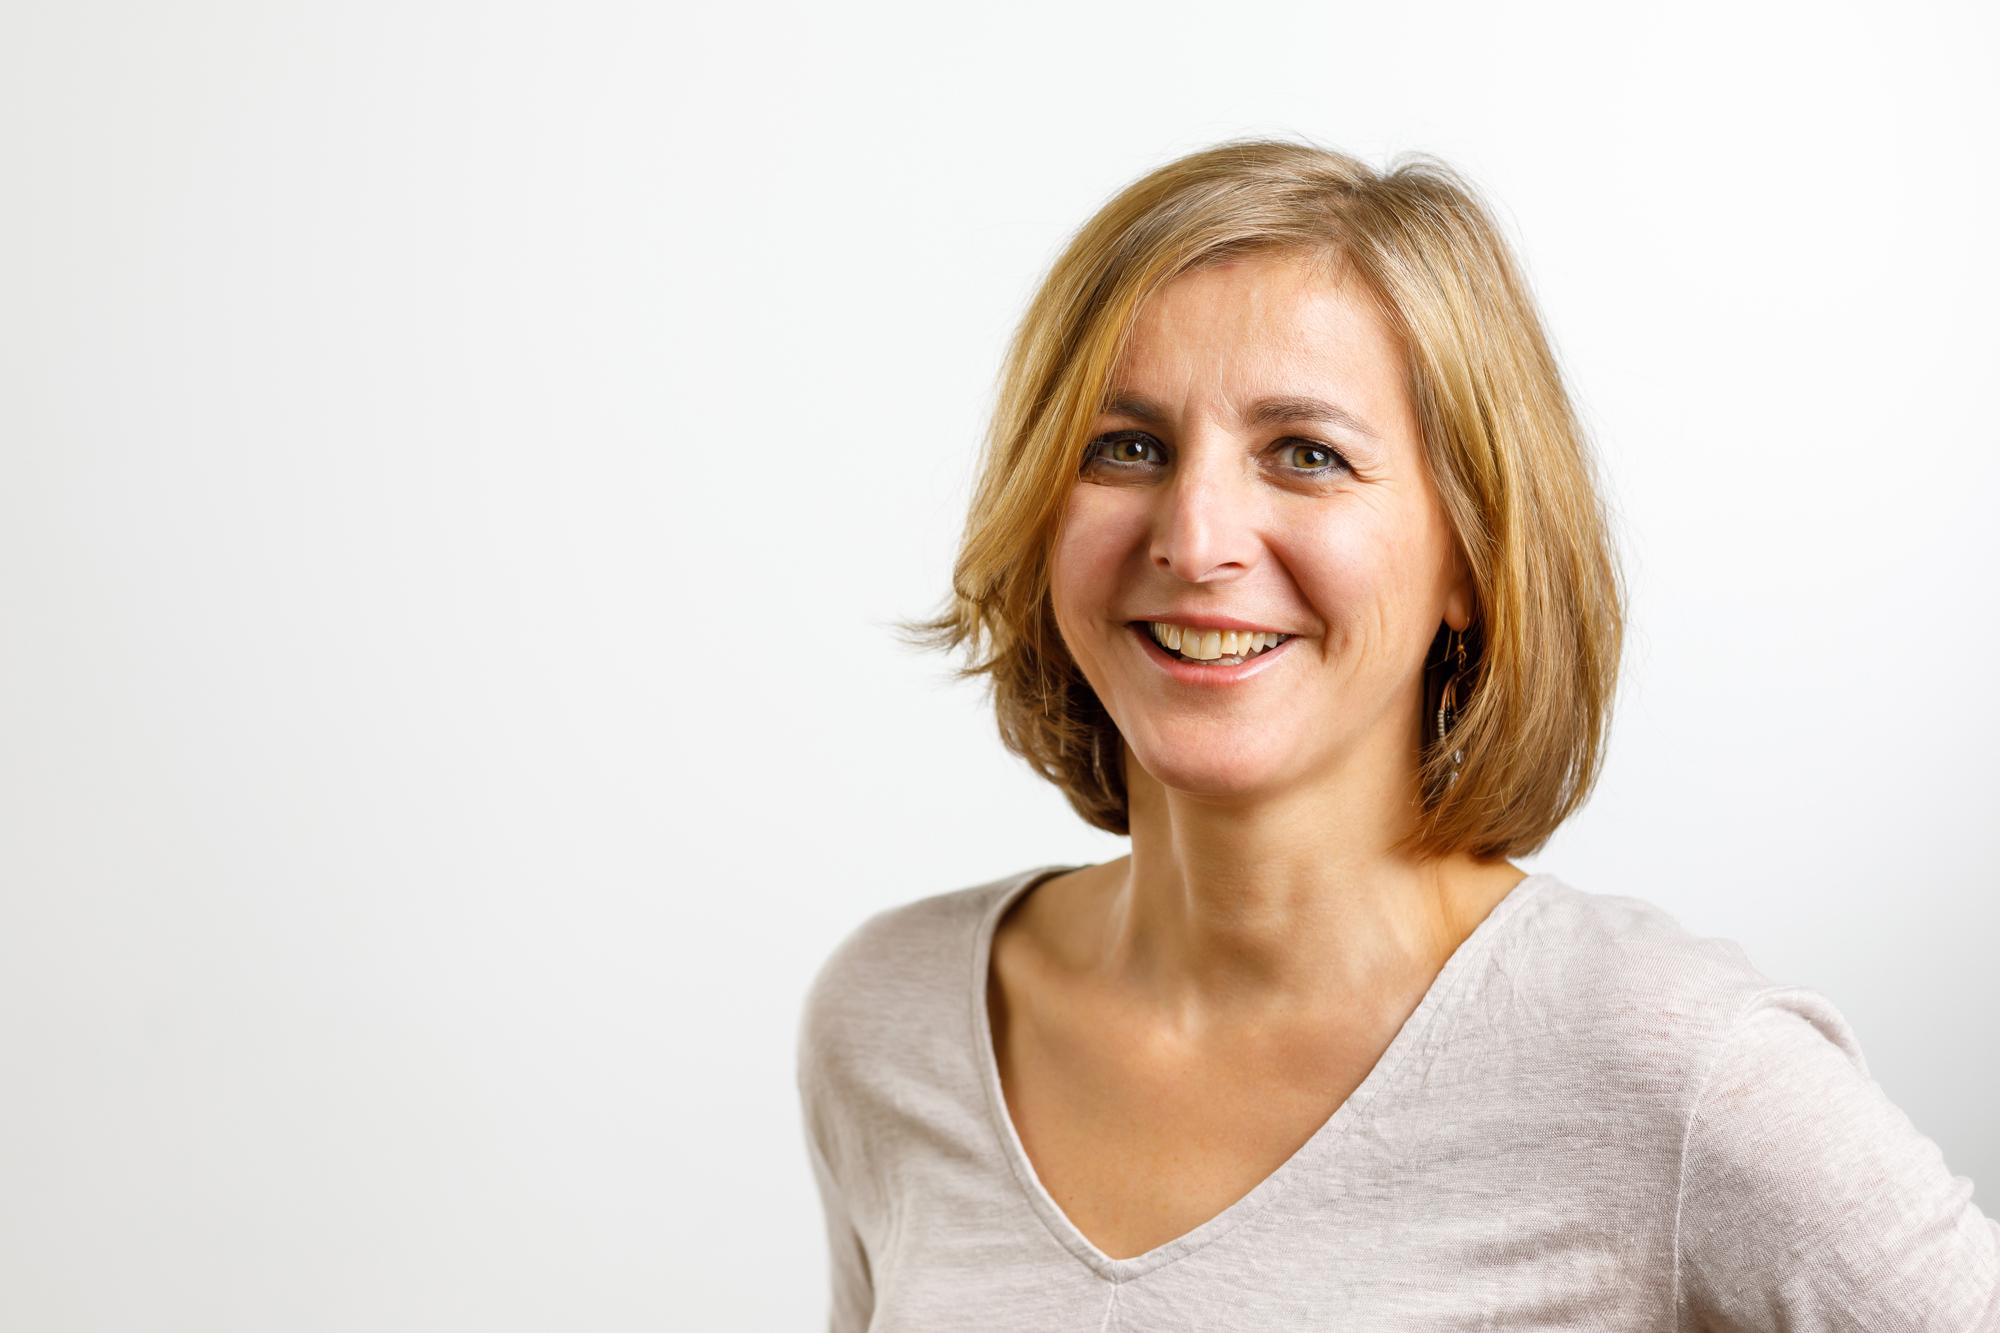 Susanne Widmann-Kölblinger